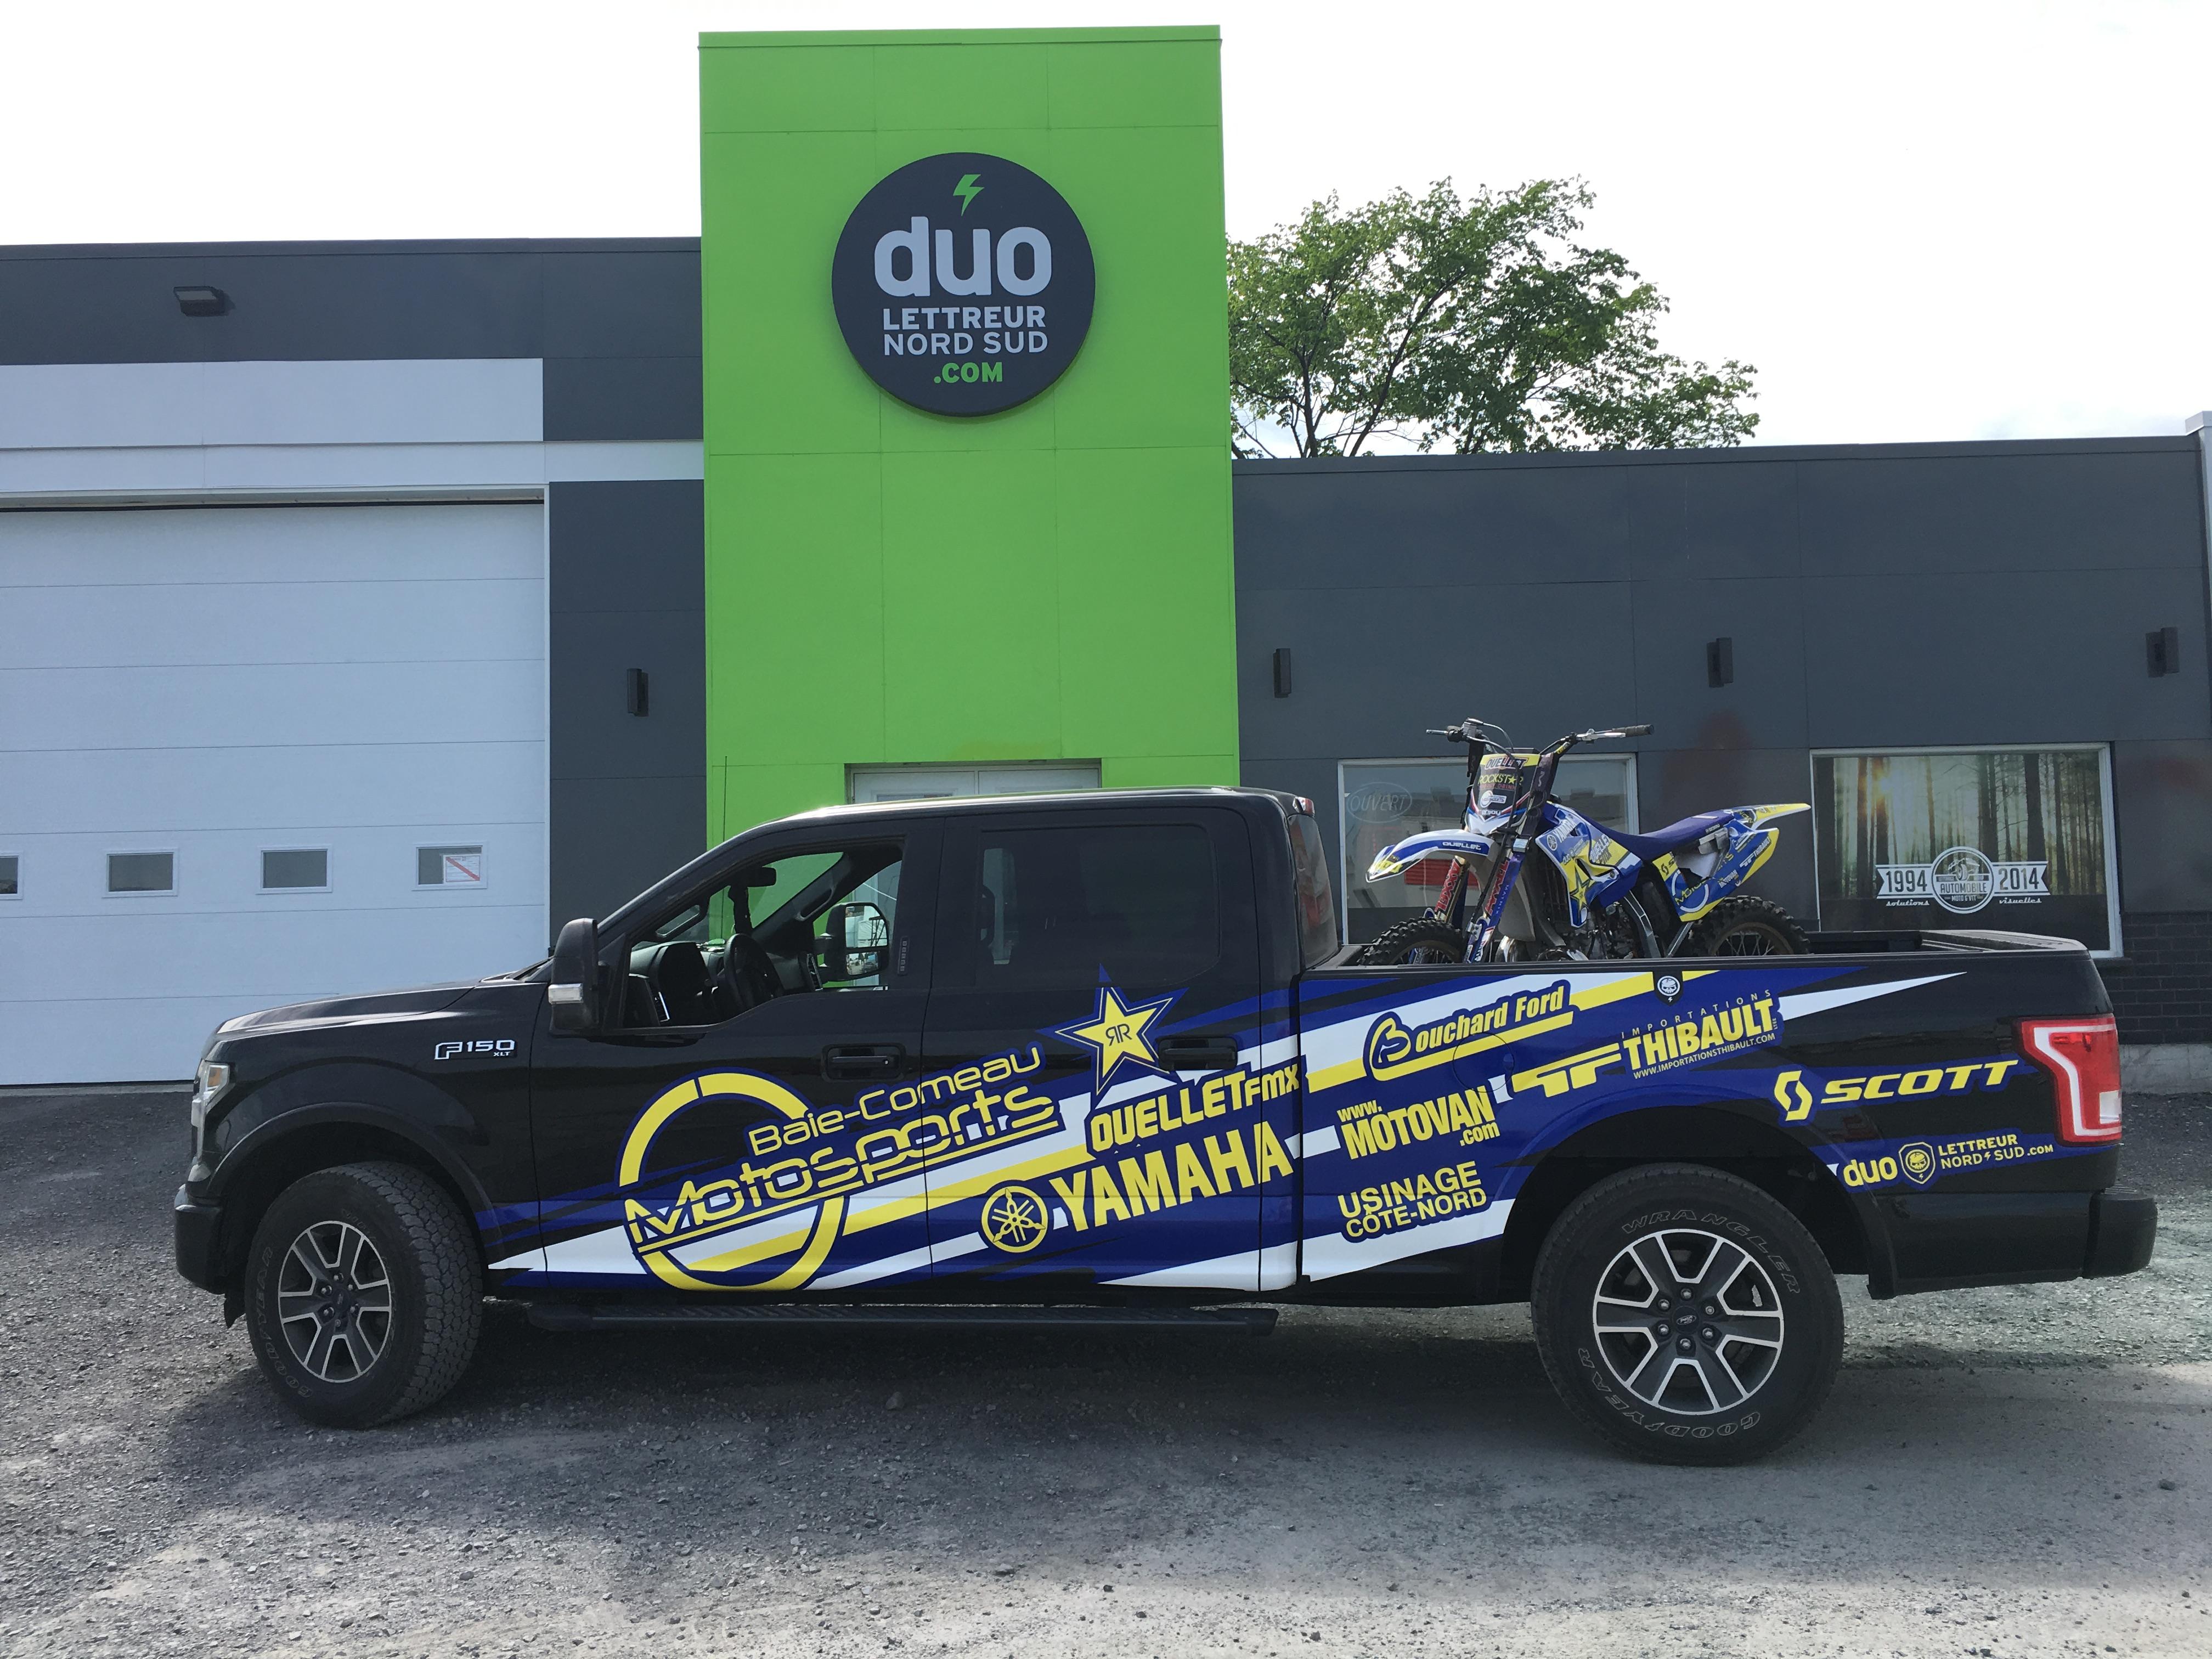 Camion Baie-Comeau Motosports